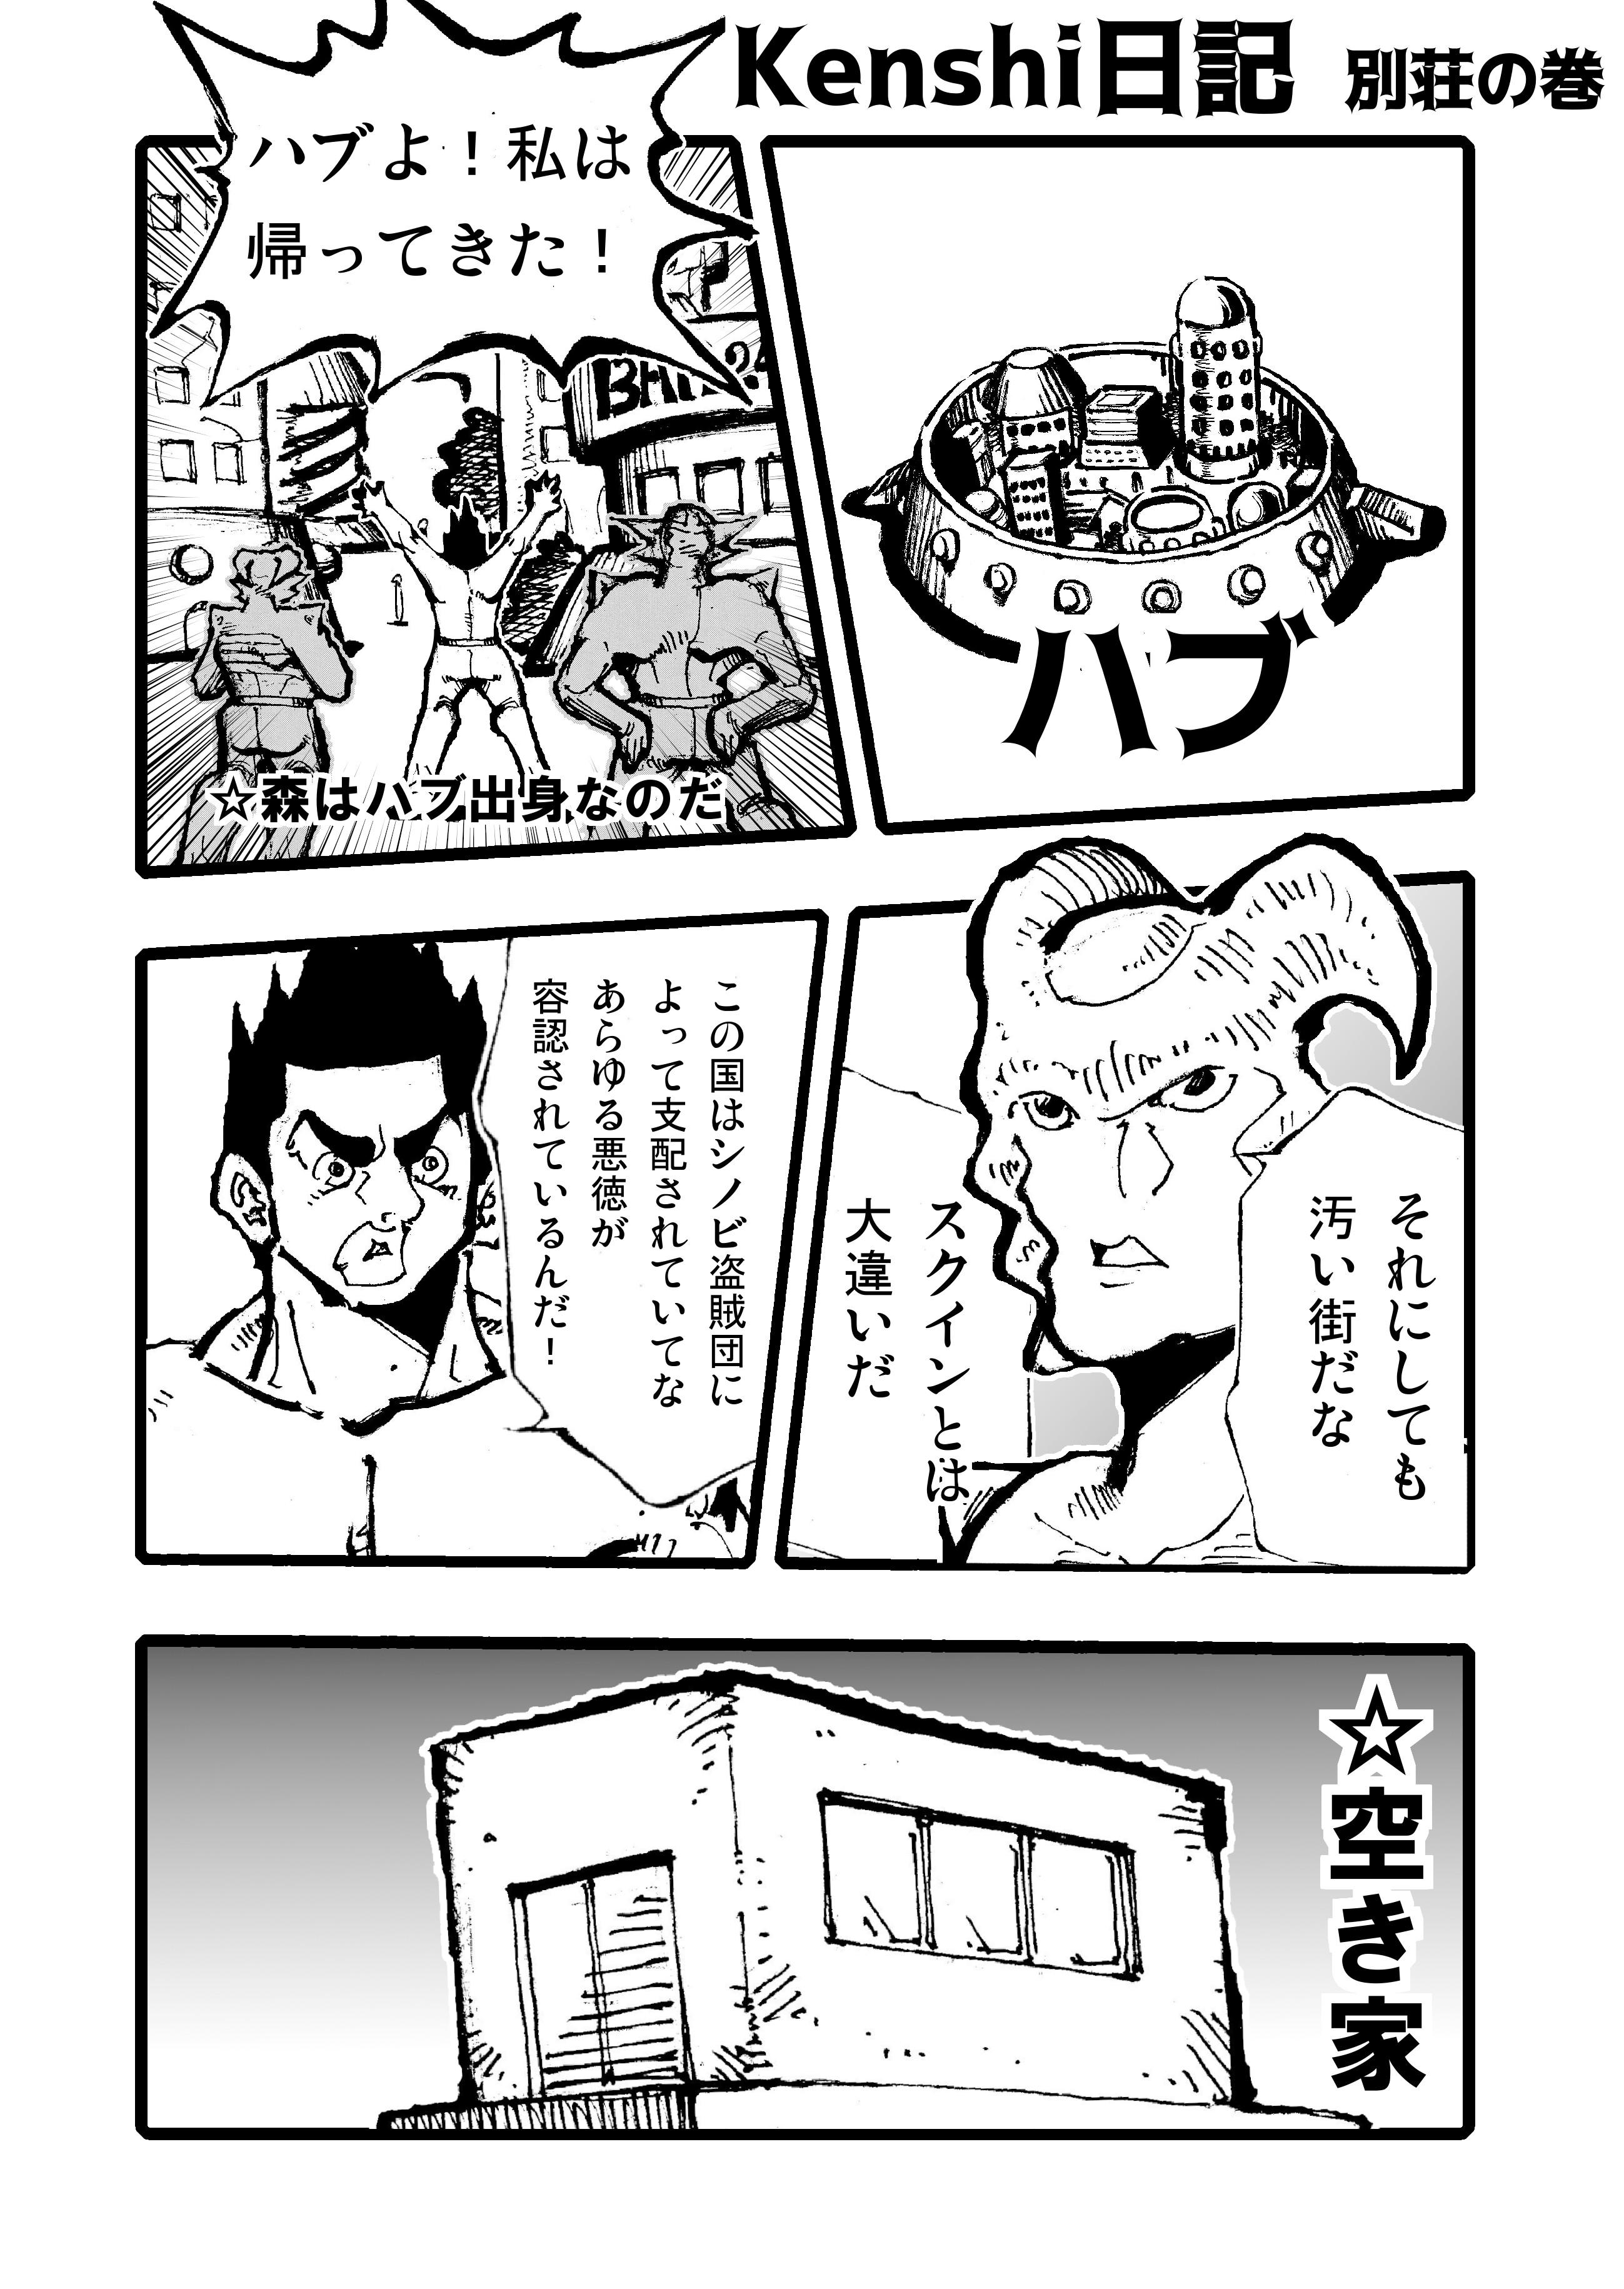 Kenshi日記12 別荘の巻/13 ゲッコー&スペイドの巻